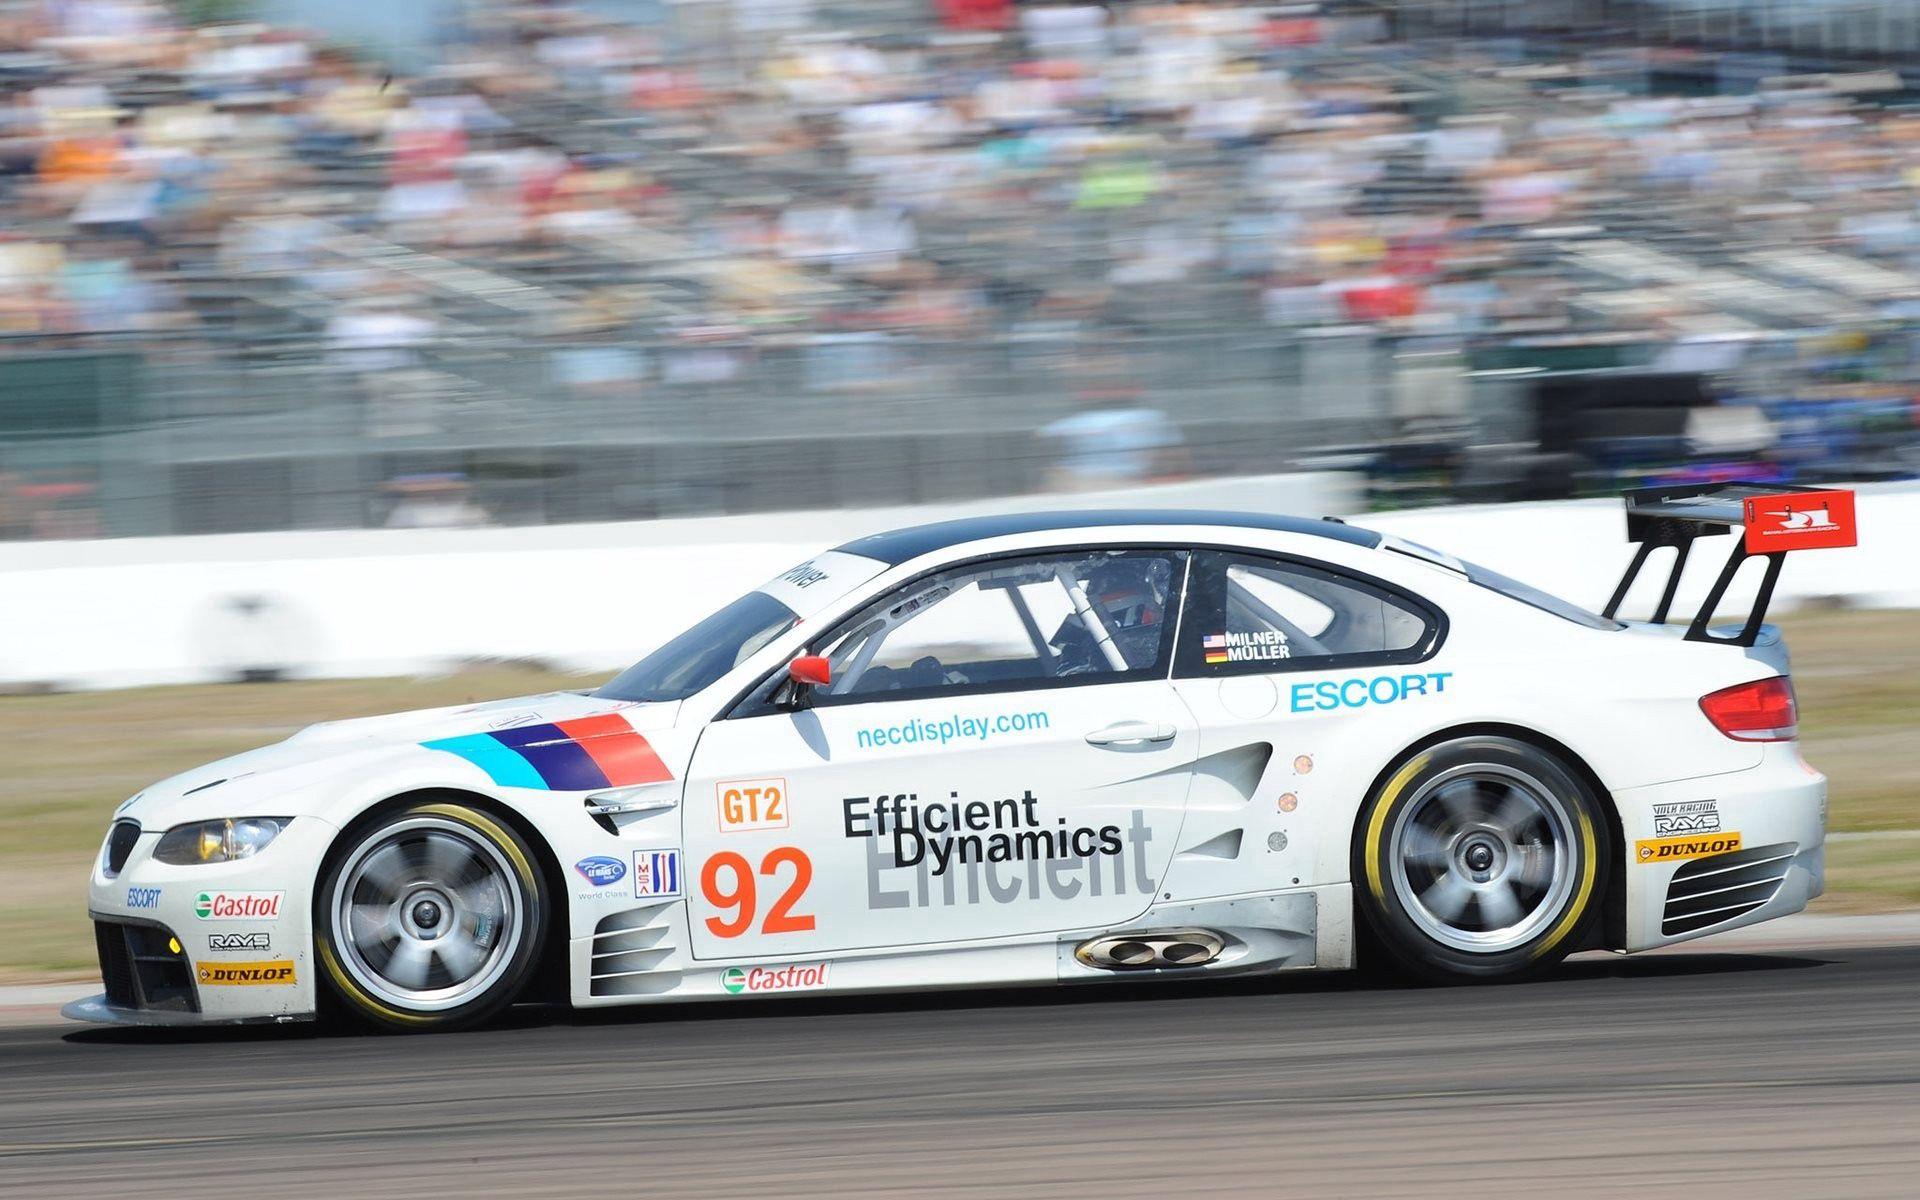 81260 Hintergrundbild herunterladen Sport, Auto, Bmw, Cars, Sportwagen, Gt2 - Bildschirmschoner und Bilder kostenlos